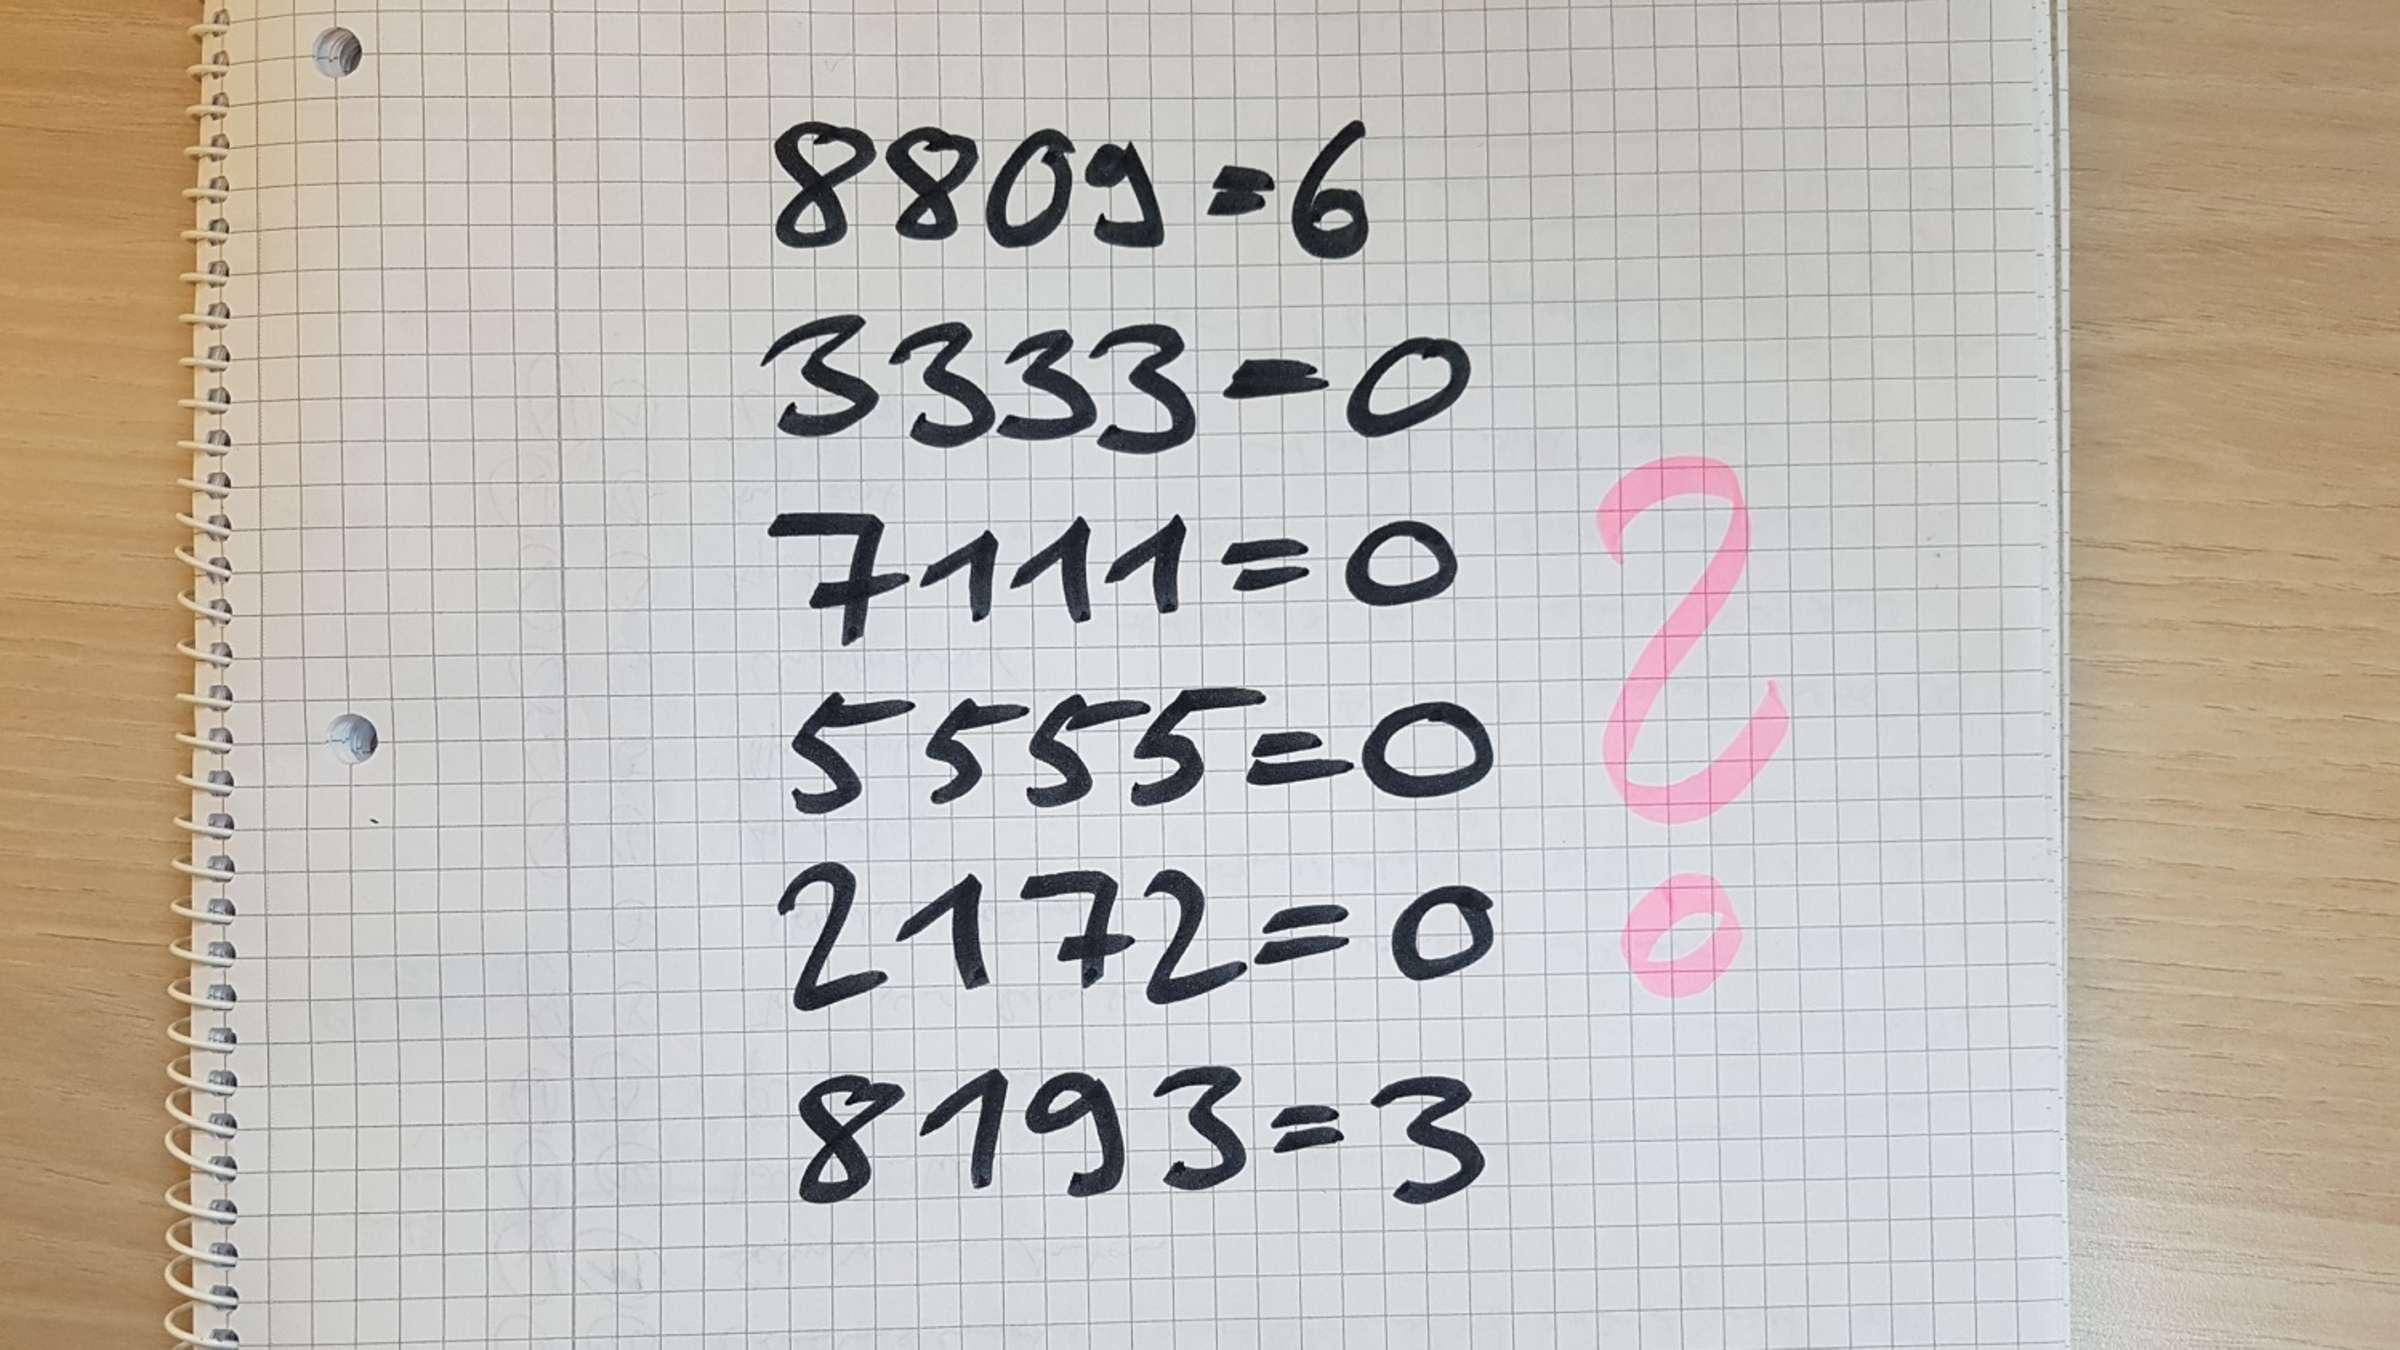 Rätsel Lösen Vorschulkinder In Zehn Minuten - Erwachsene über Rätsel Für Schulkinder